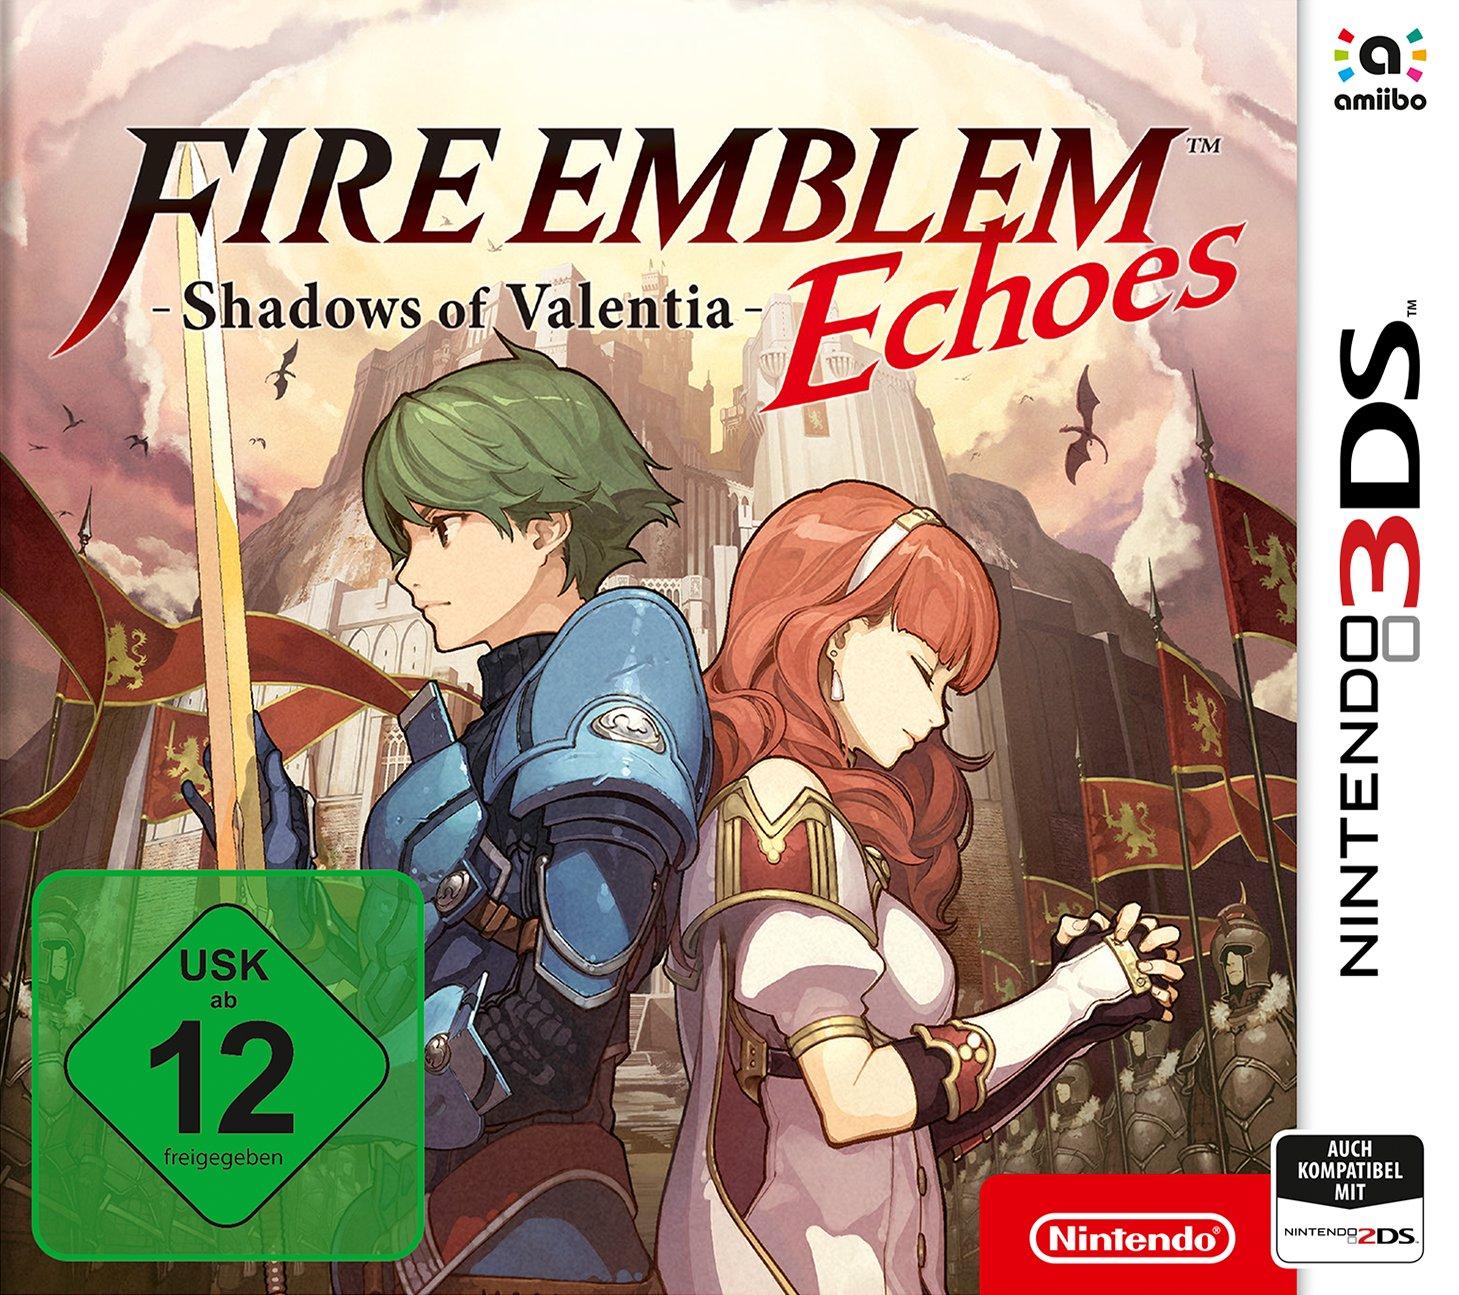 [Lokal MediaMarkt Worms] Fire Emblem Echoes Nintendo 3DS für 10€